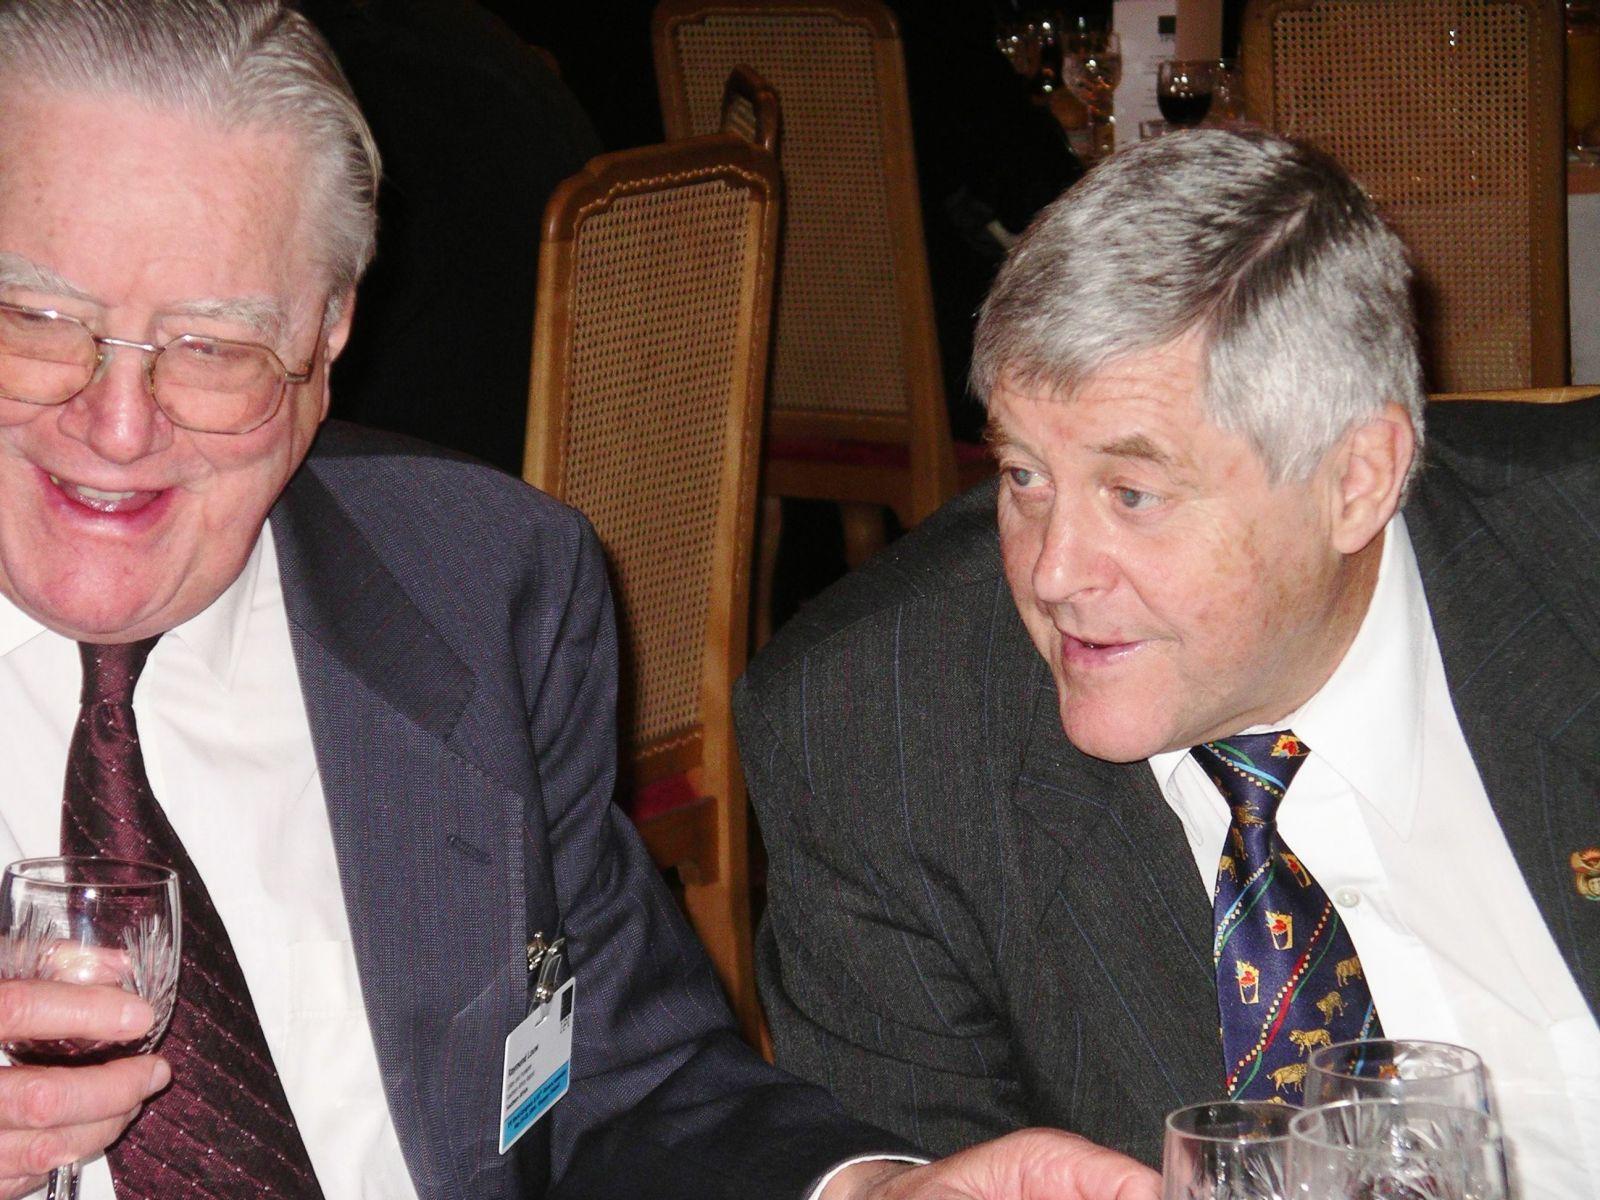 """טוני הרד, לשעבר עורך ה""""קייפ טיימס"""" (מימין), וריימונד לואו, לשעבר עורך ה""""ראנד דיילי מייל"""". ורשה, 19.5.04 (צילום: חנוך מרמרי)"""